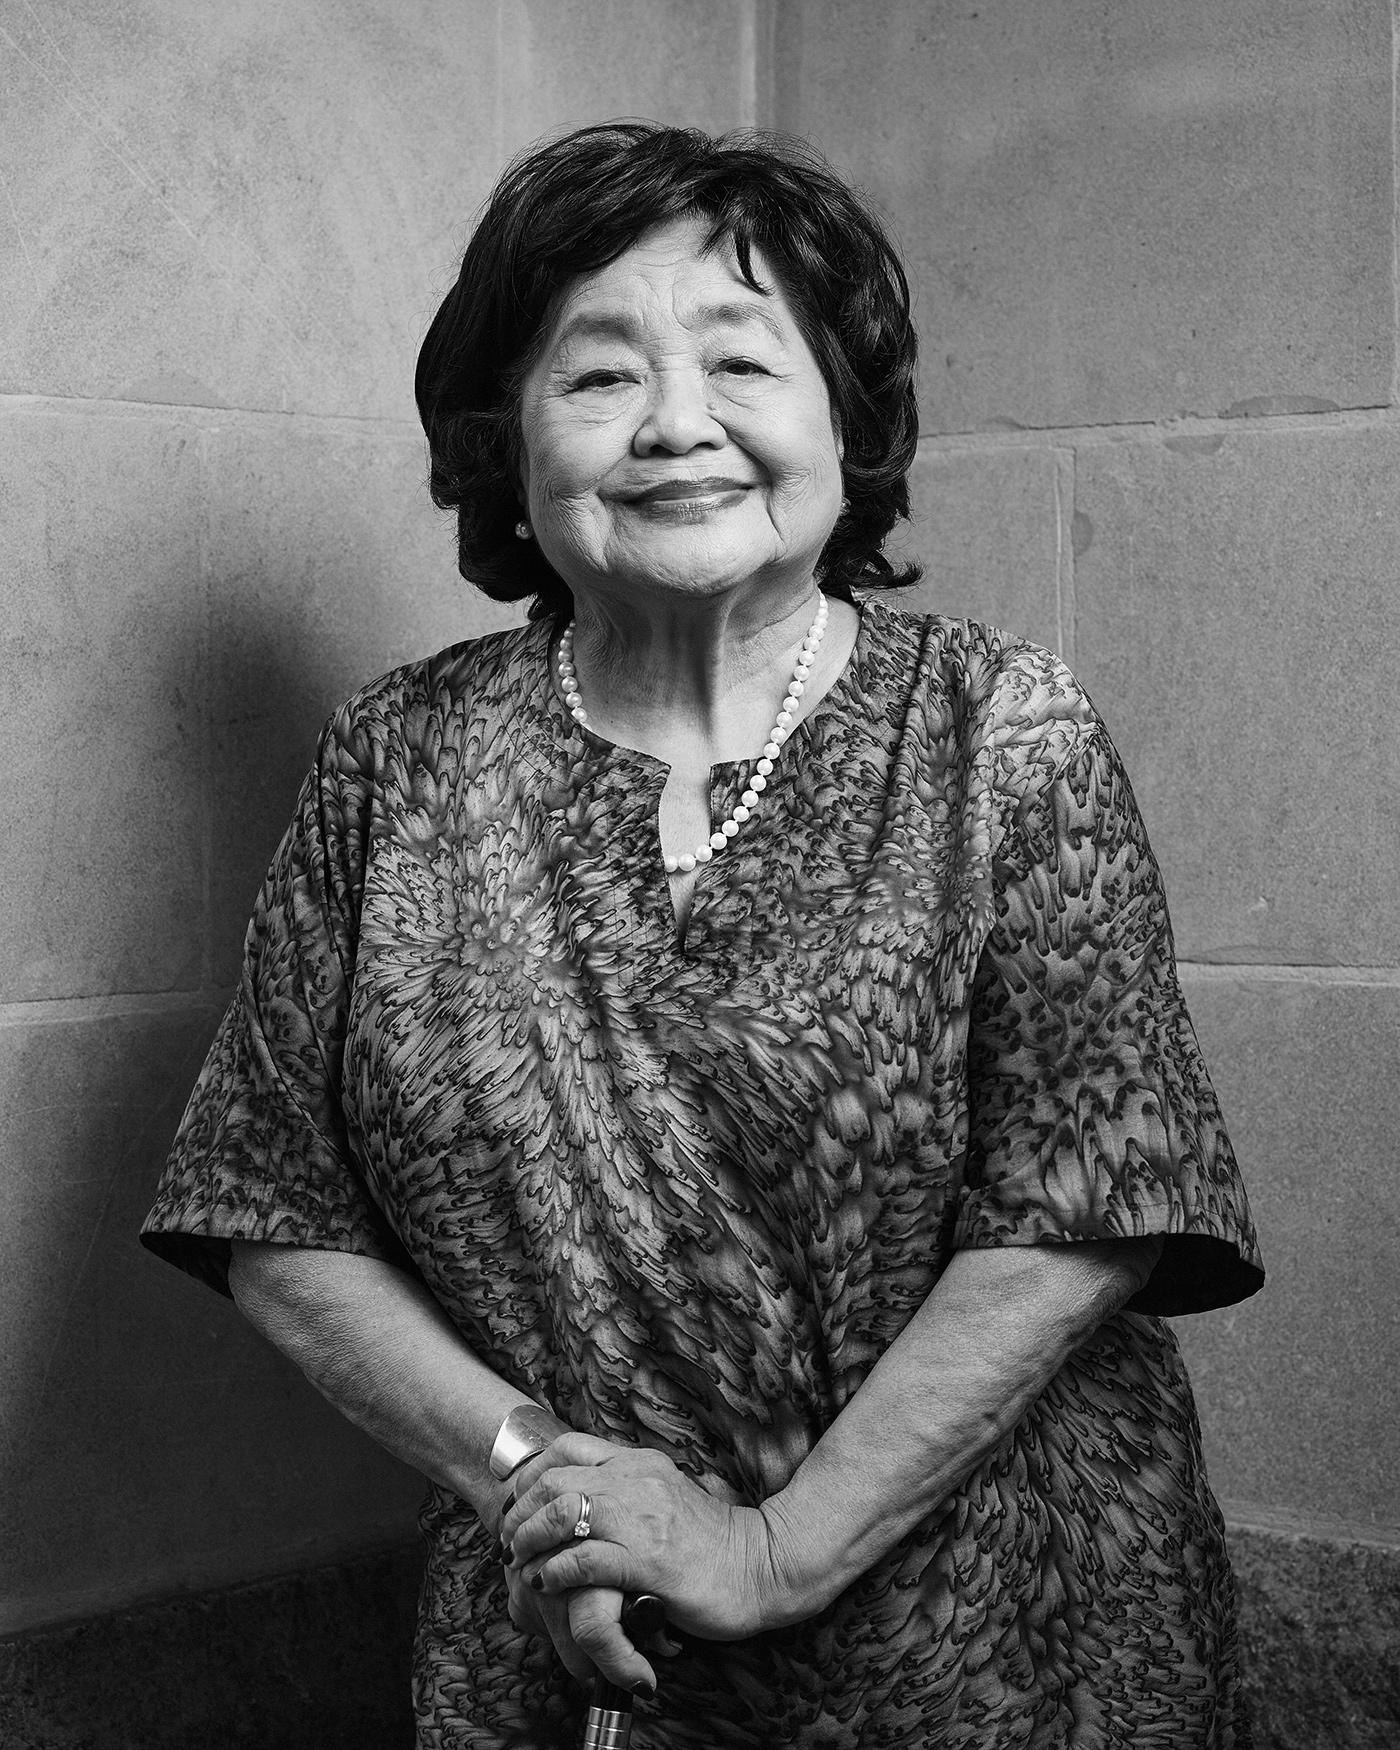 Portrait of Setsuko Thurlow - The Peace Builders - Michael Barker